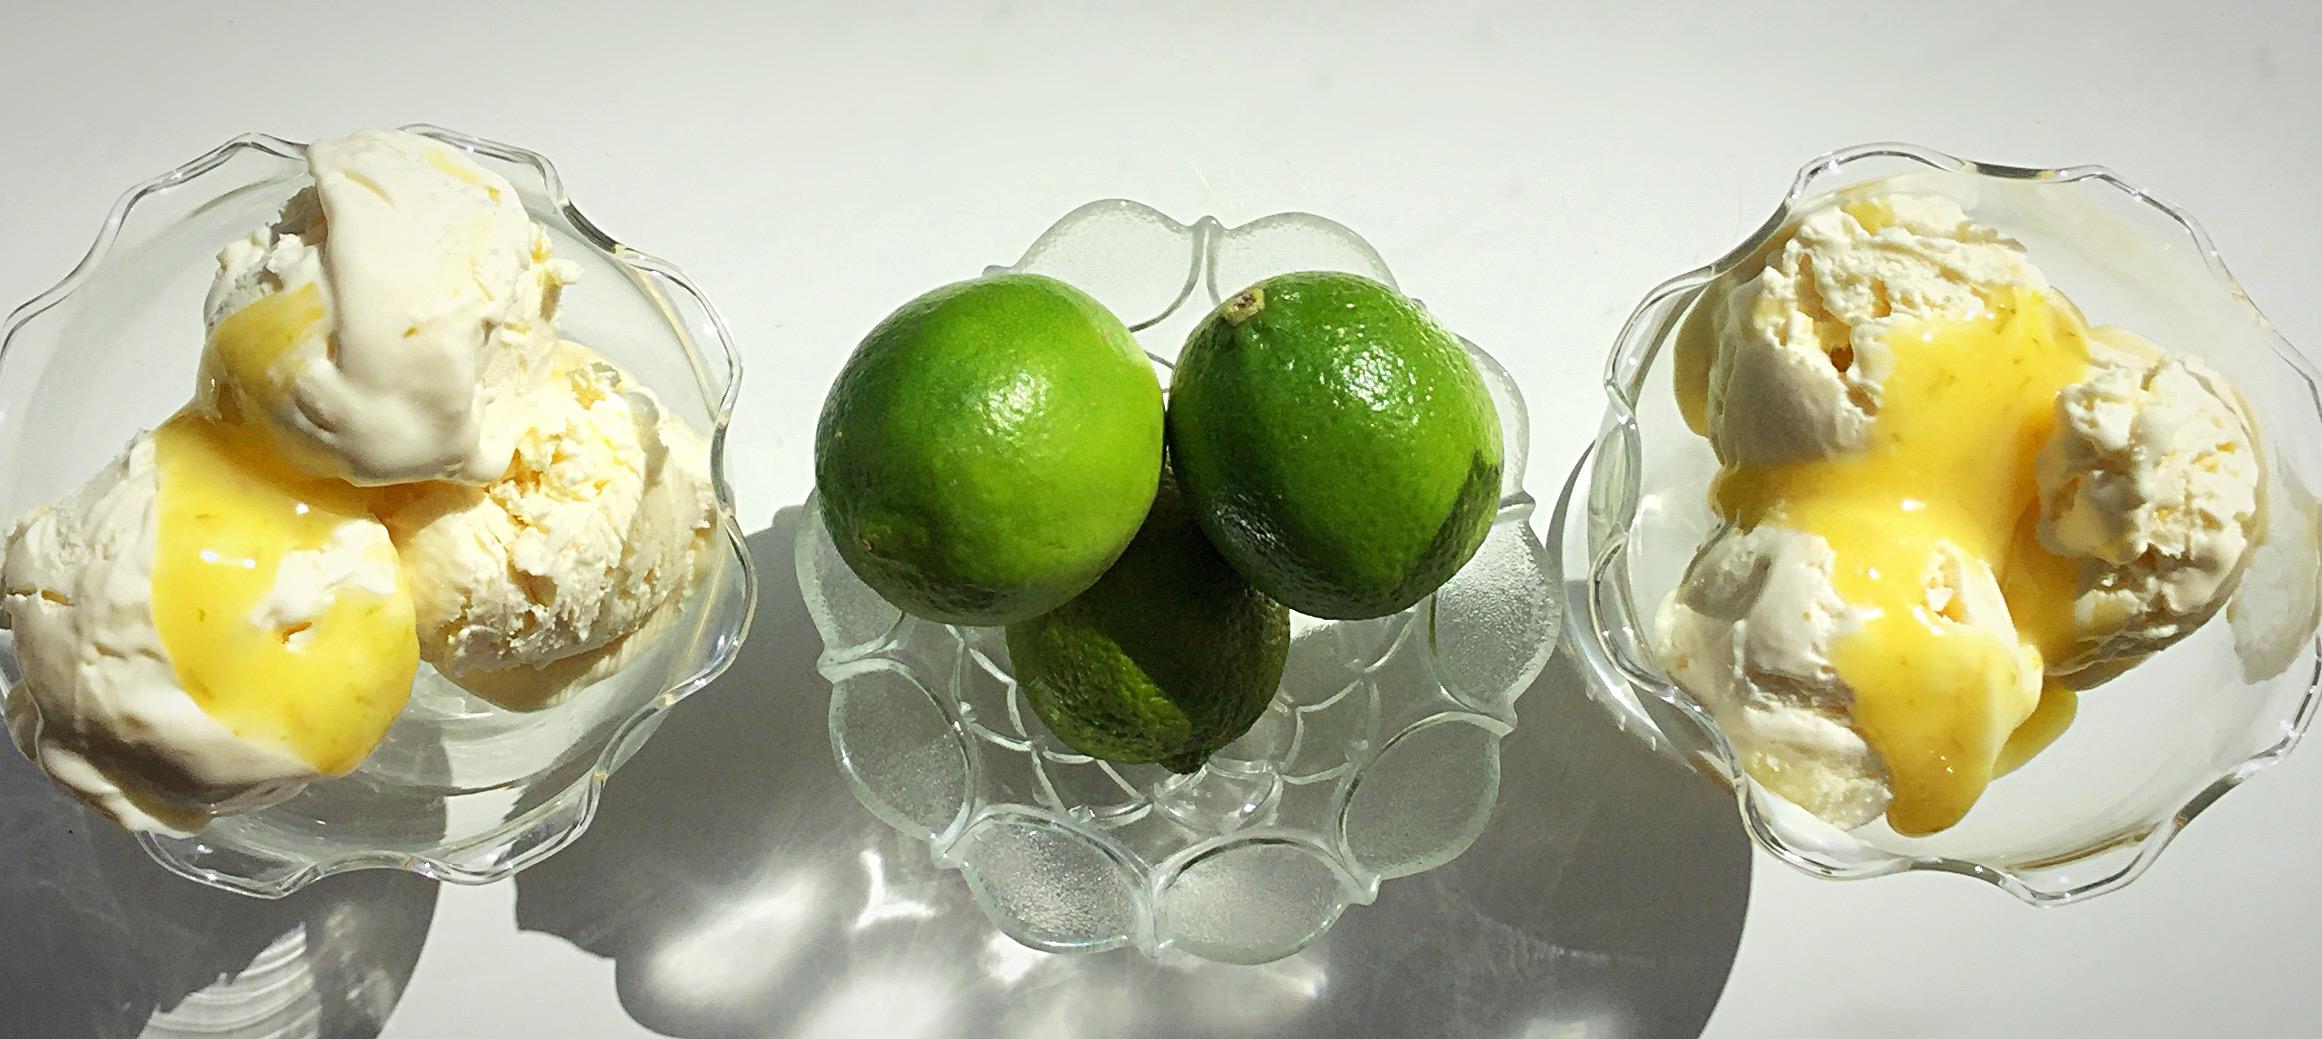 FF Lime Ripple Luxury Ice Cream